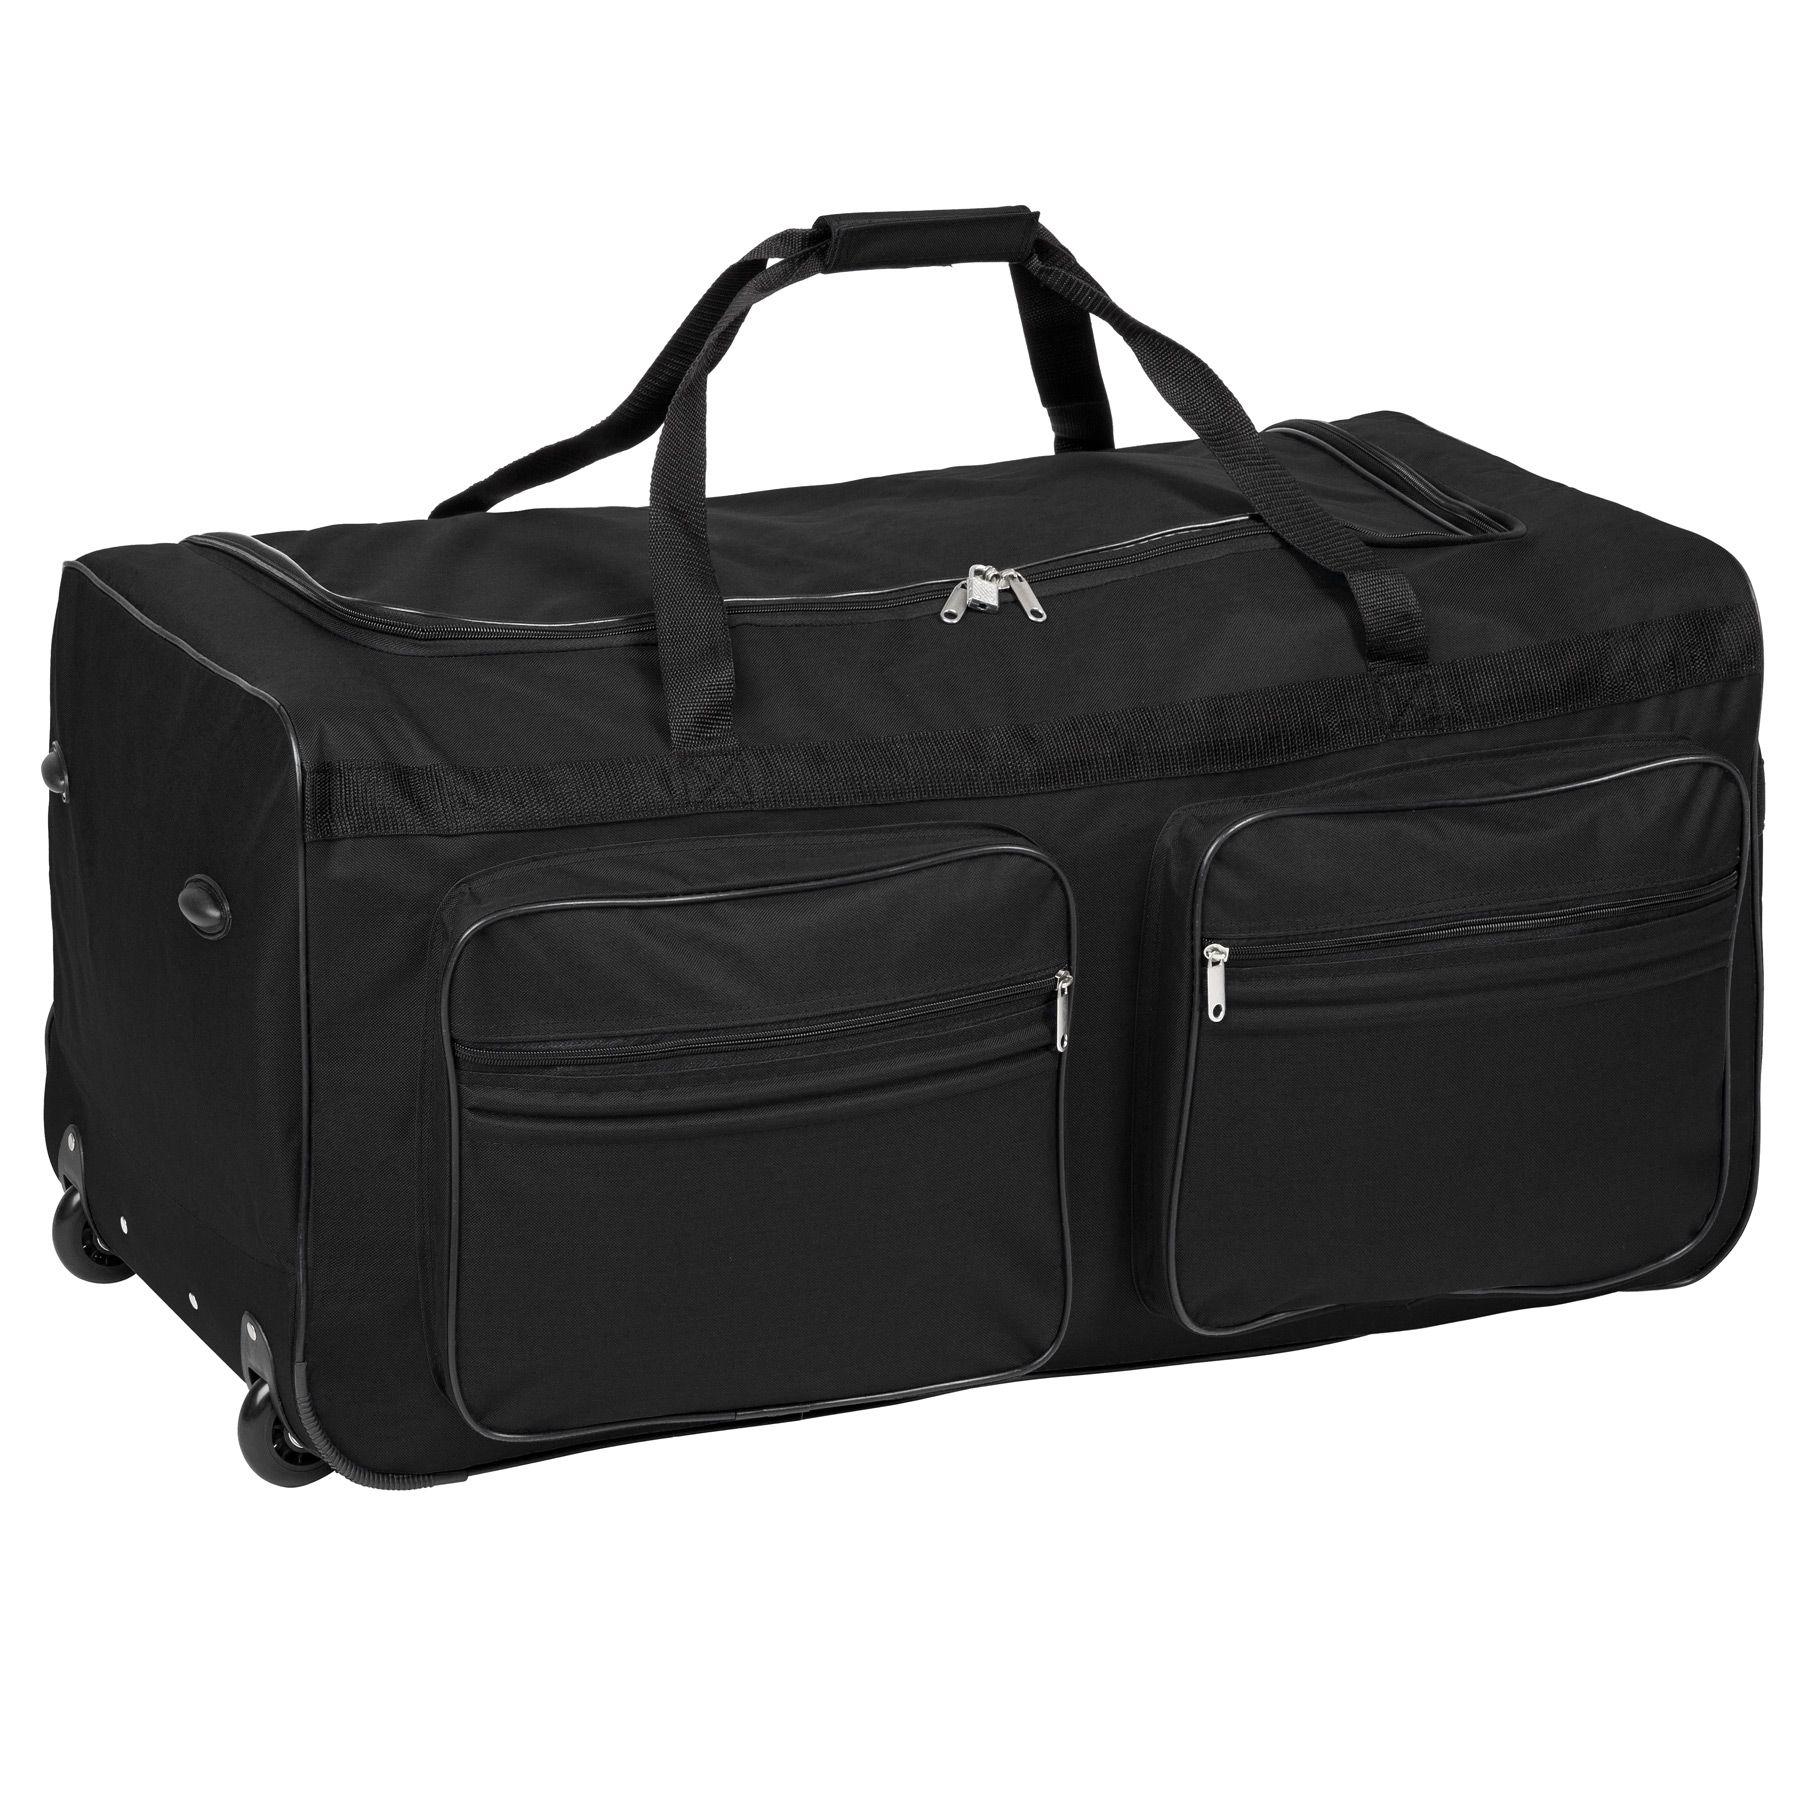 TecTake_Reisetasche_402213_1 Sac de voyage XXL valise trolley légère sport bagage à roulettes 160 litres